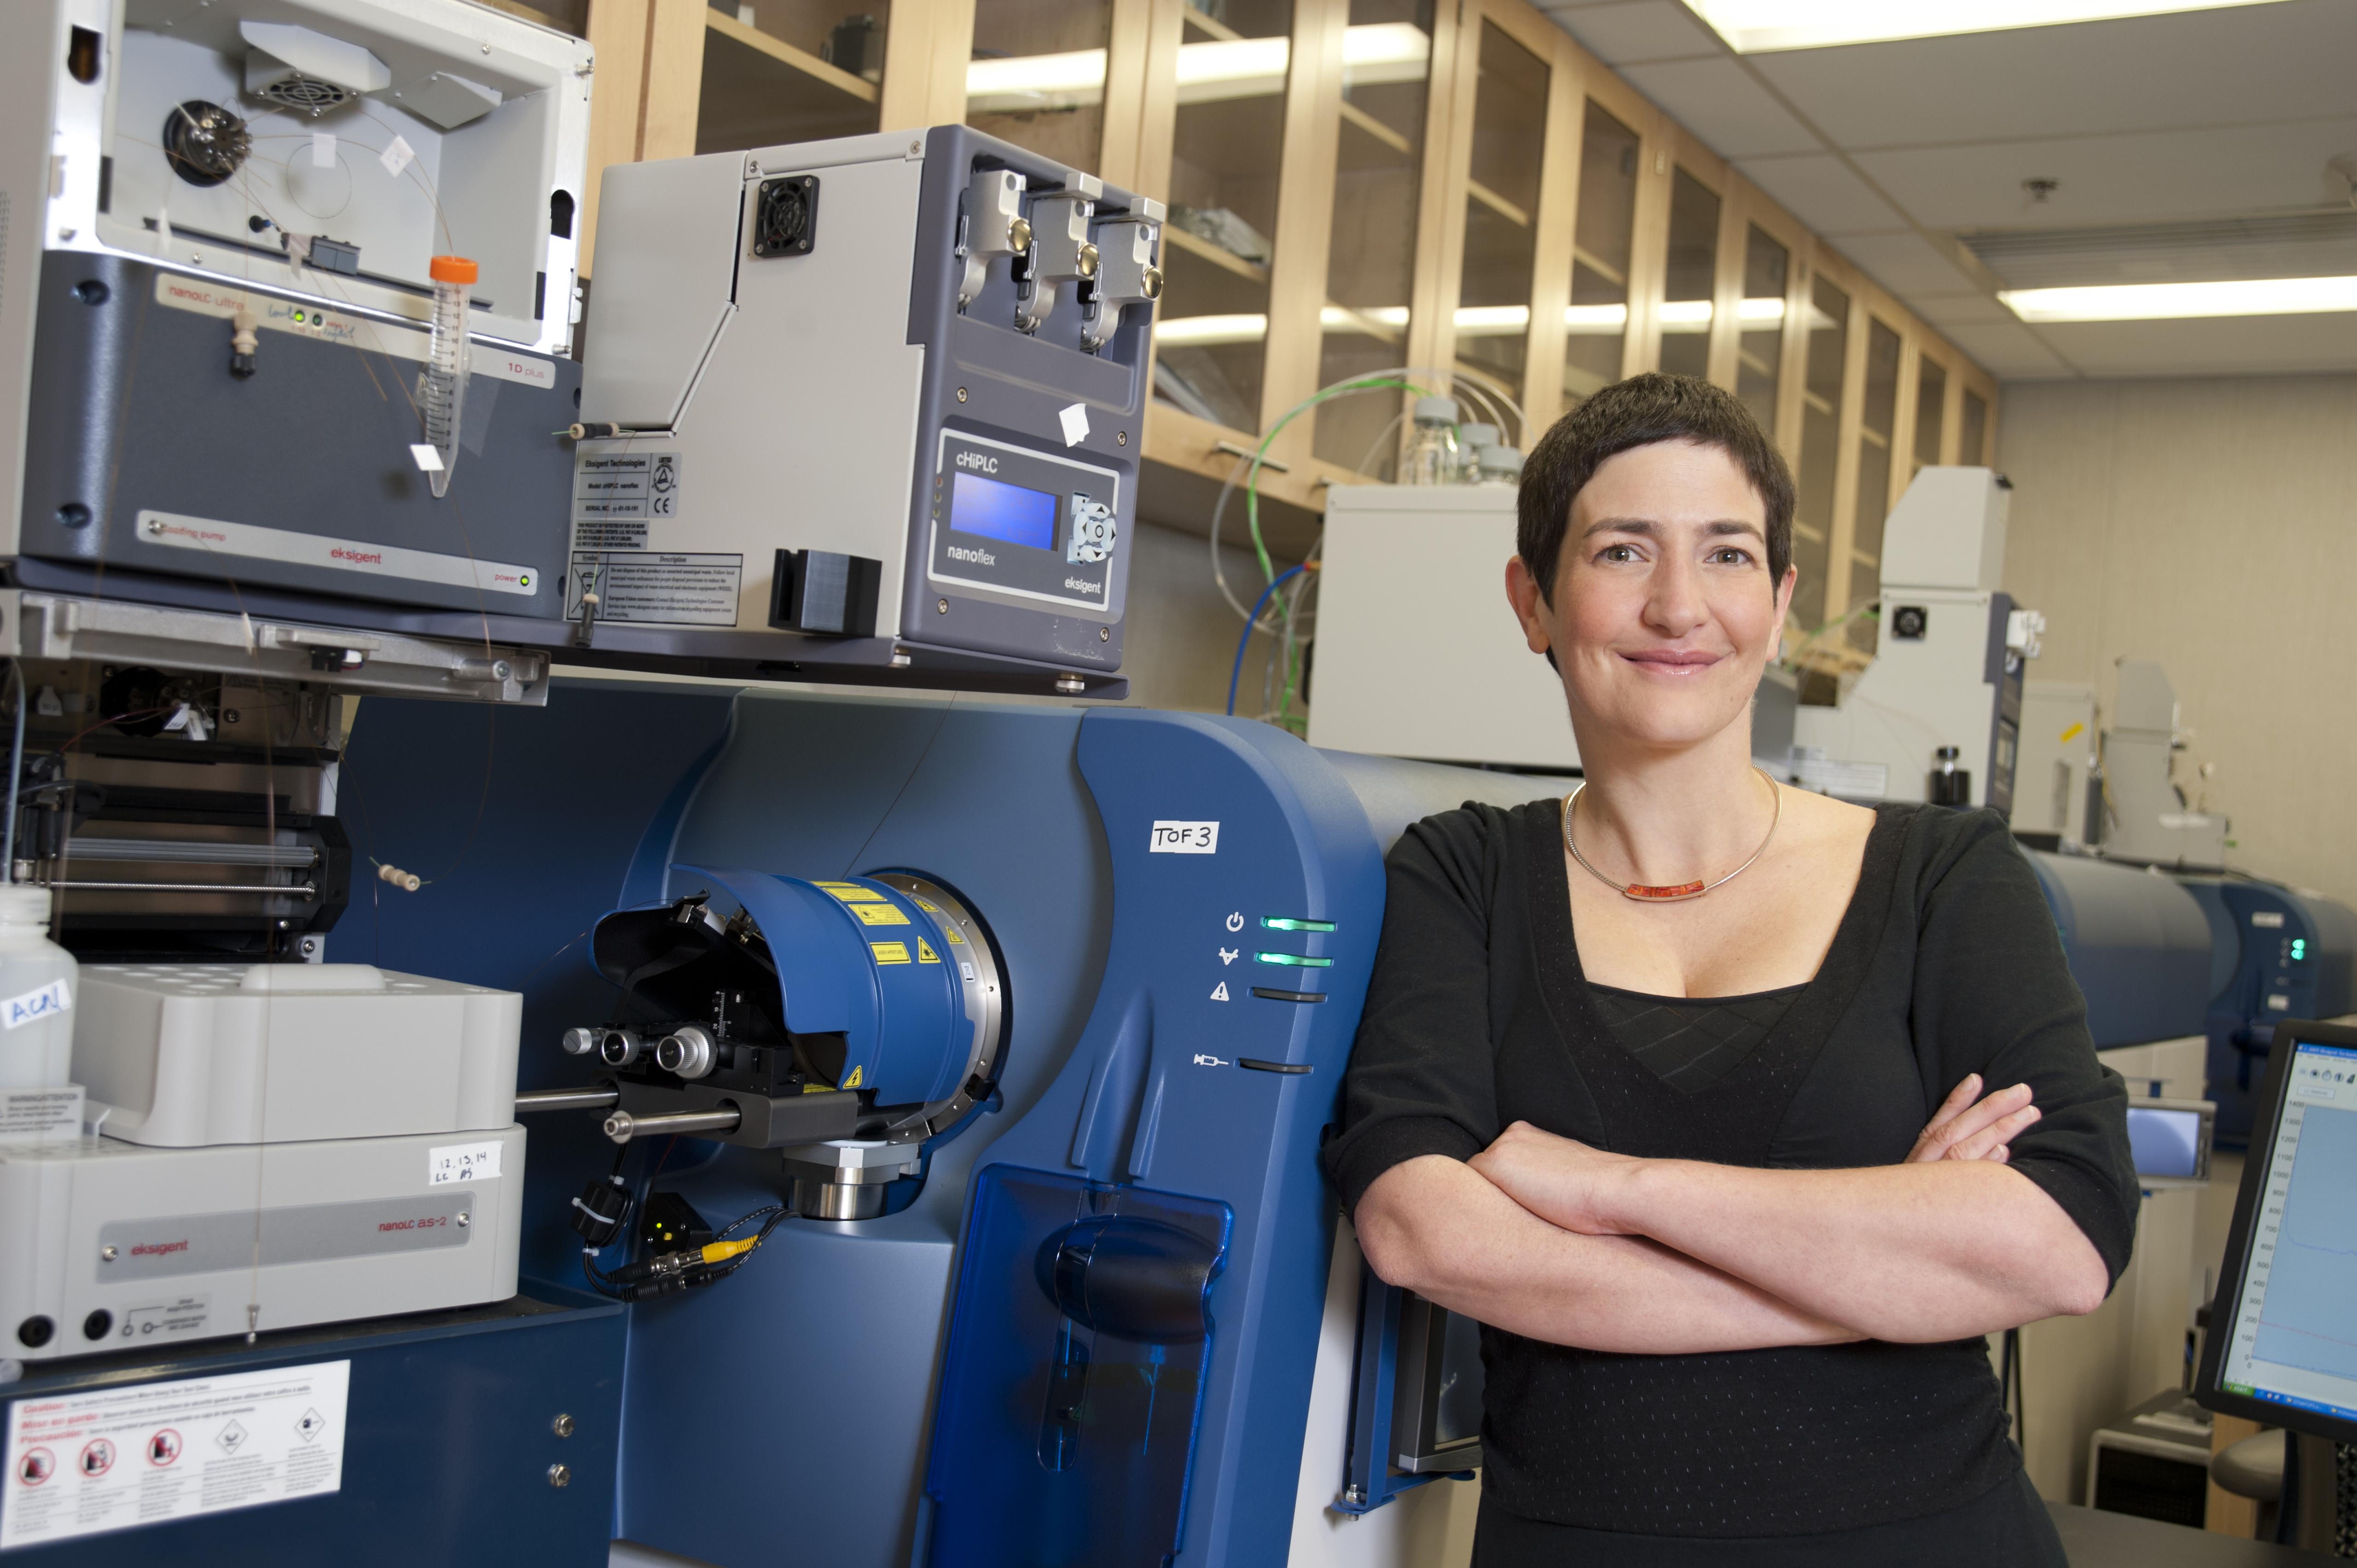 Anne-Claude Gingras, Sinai Health